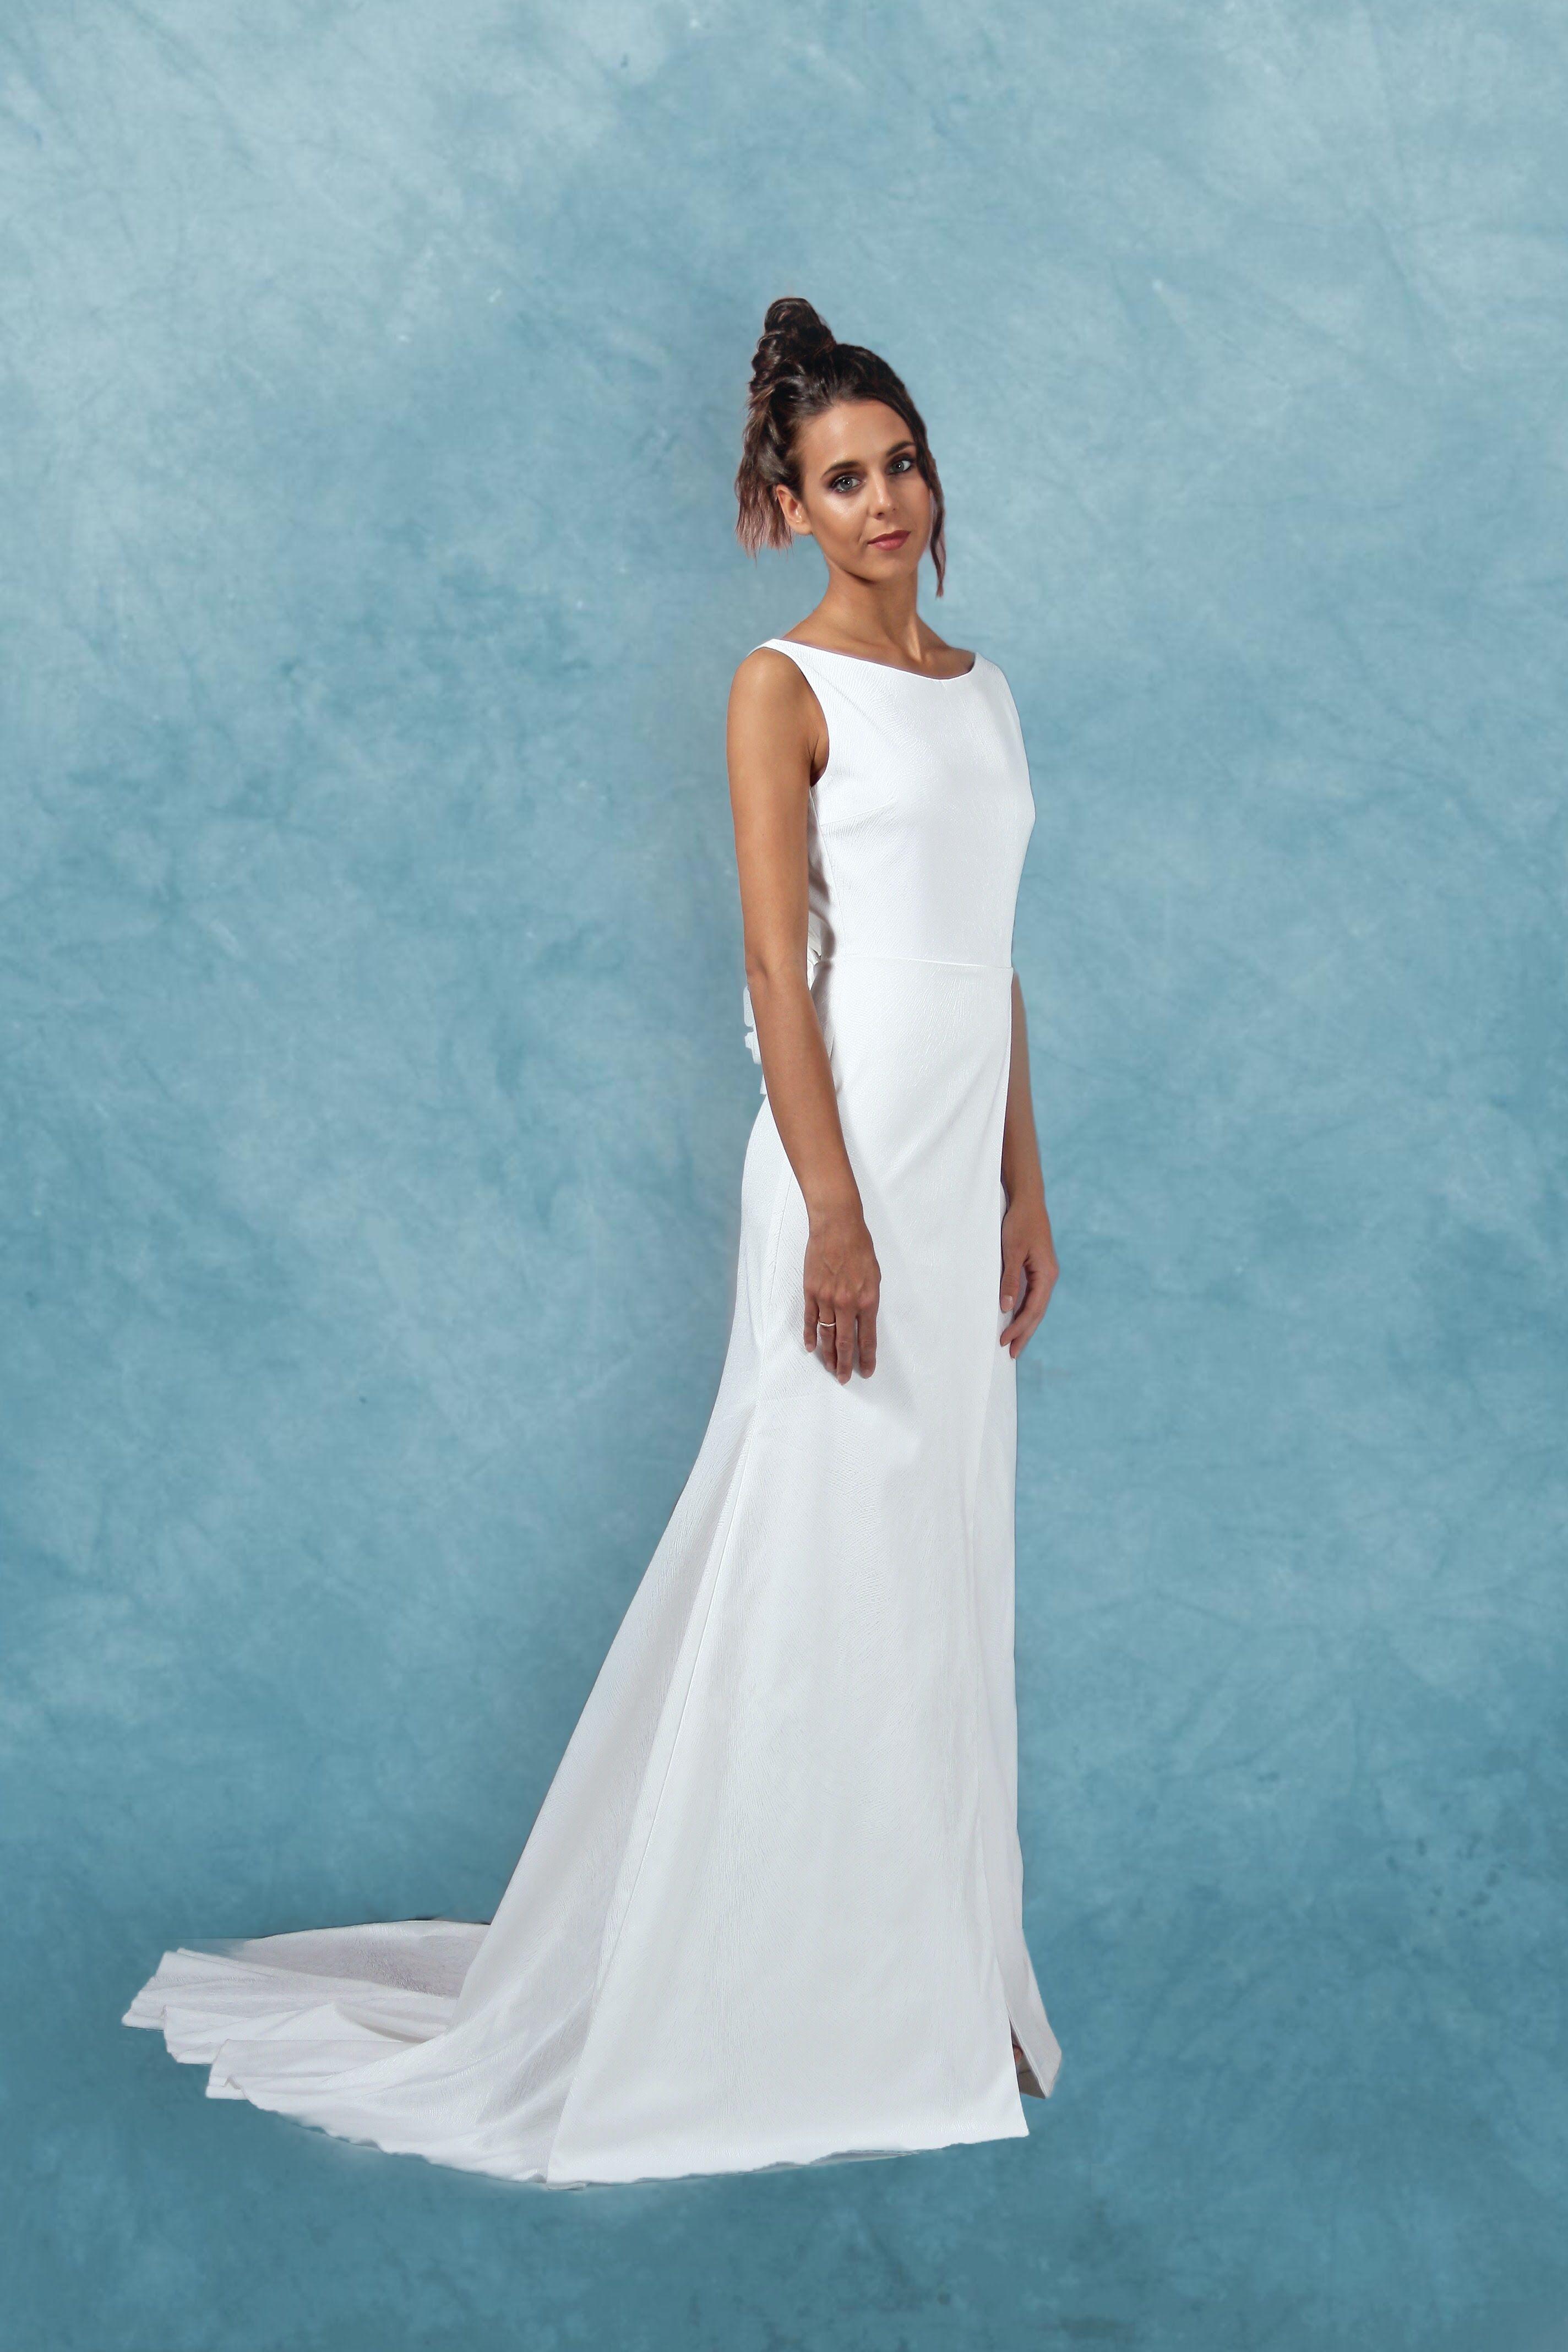 62ce5b43f60b Abito da sposa bianco in raso devorè di pura seta elasticizzata con  scollatura a barchetta